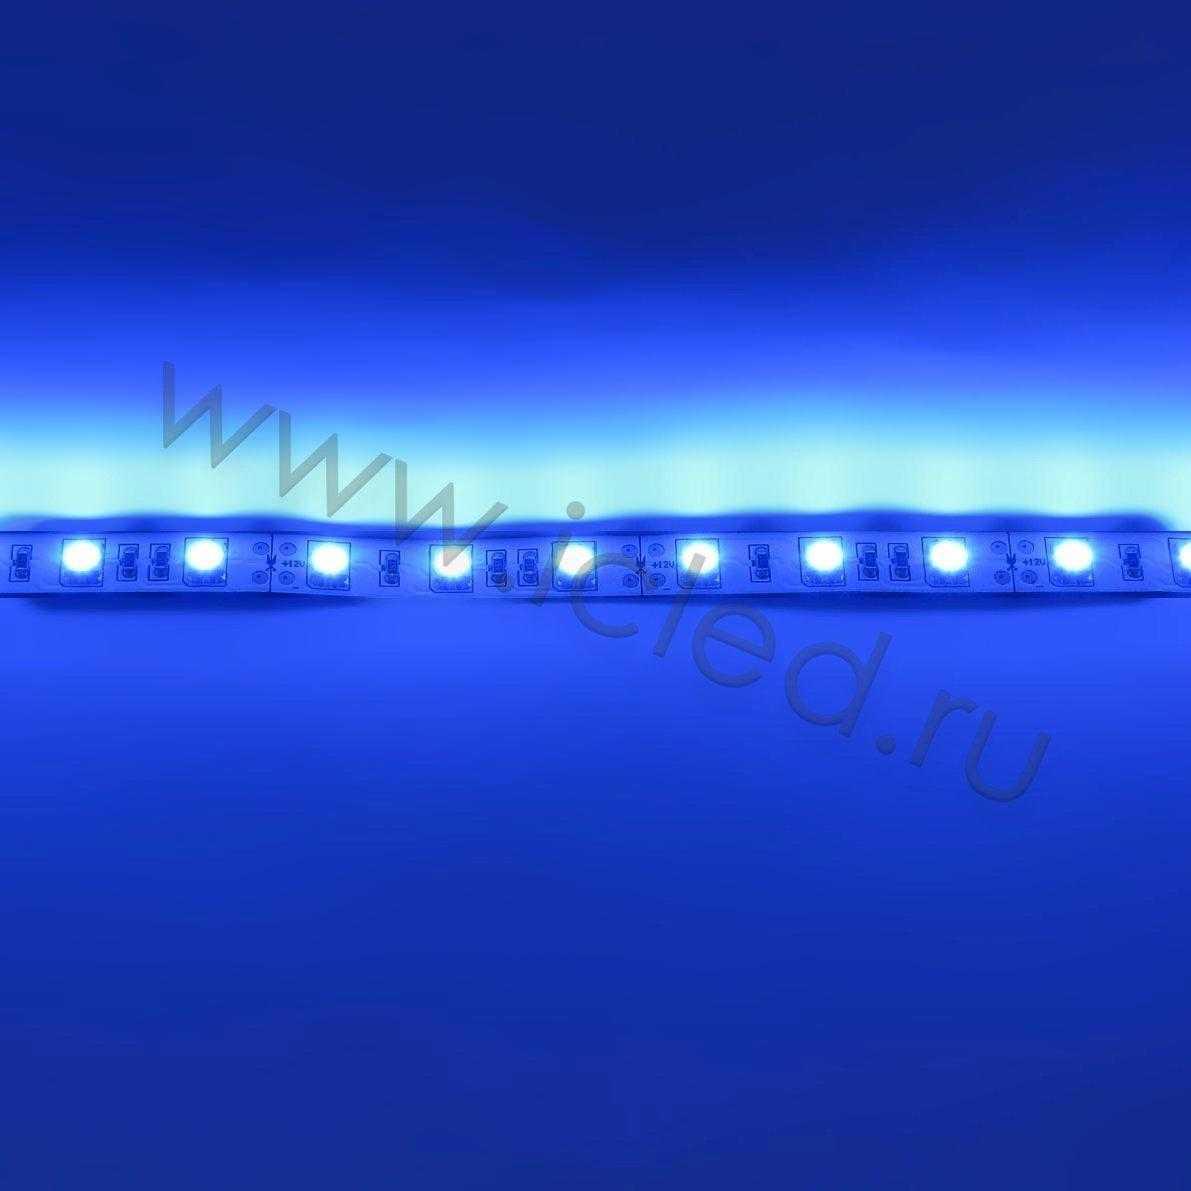 Светодиодная лента Class B, 5050, 60led/m, Blue, 12V, IP33